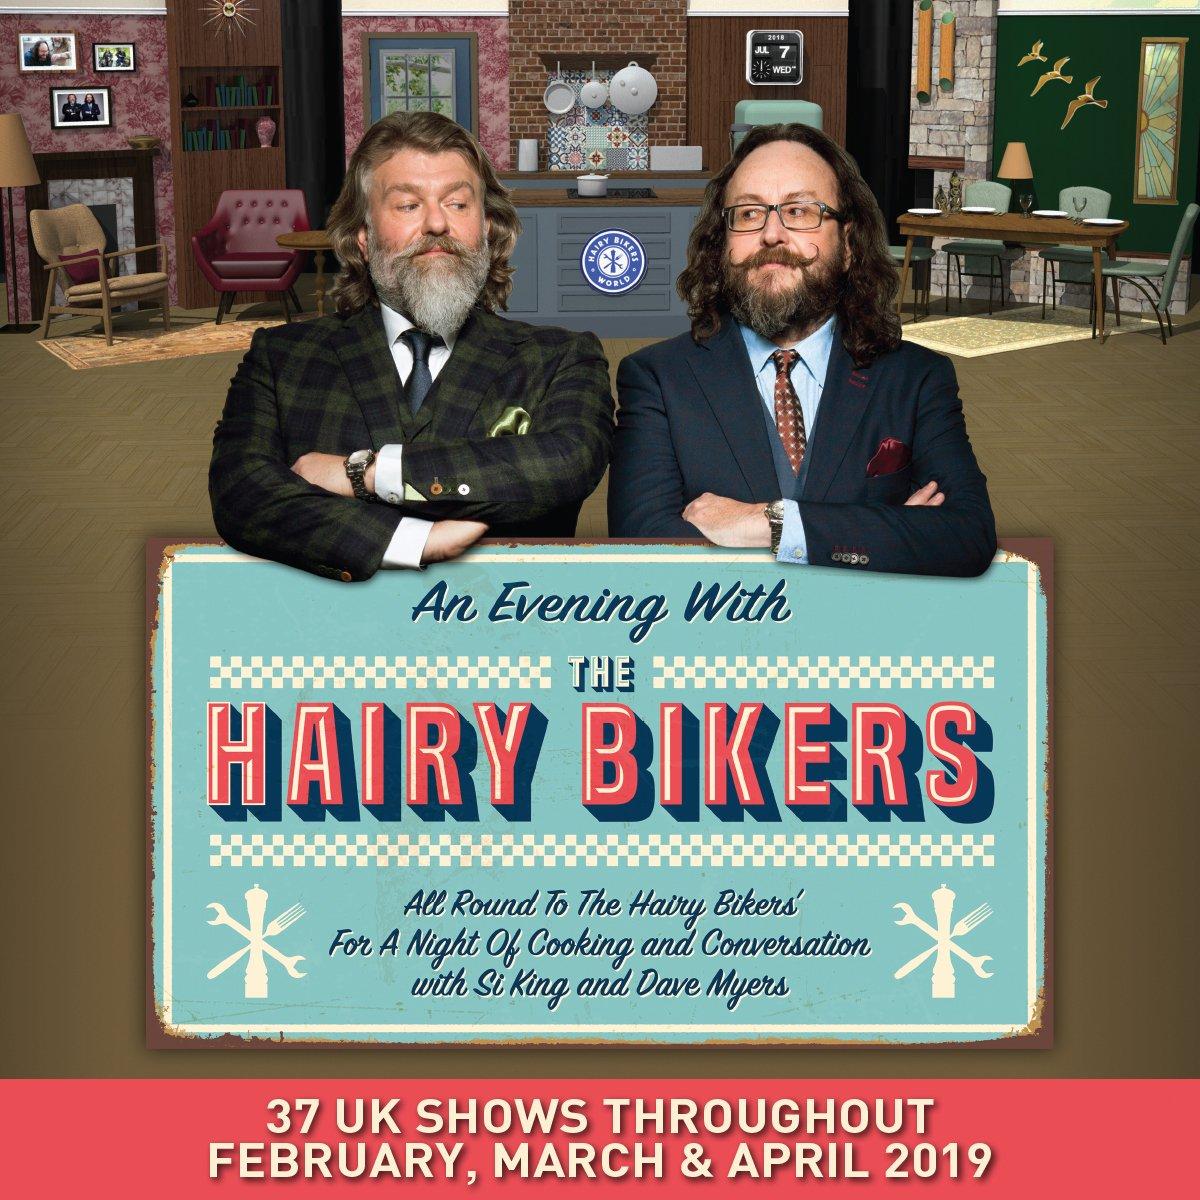 Hairy Bikers (@HairyBikers) | Twitter